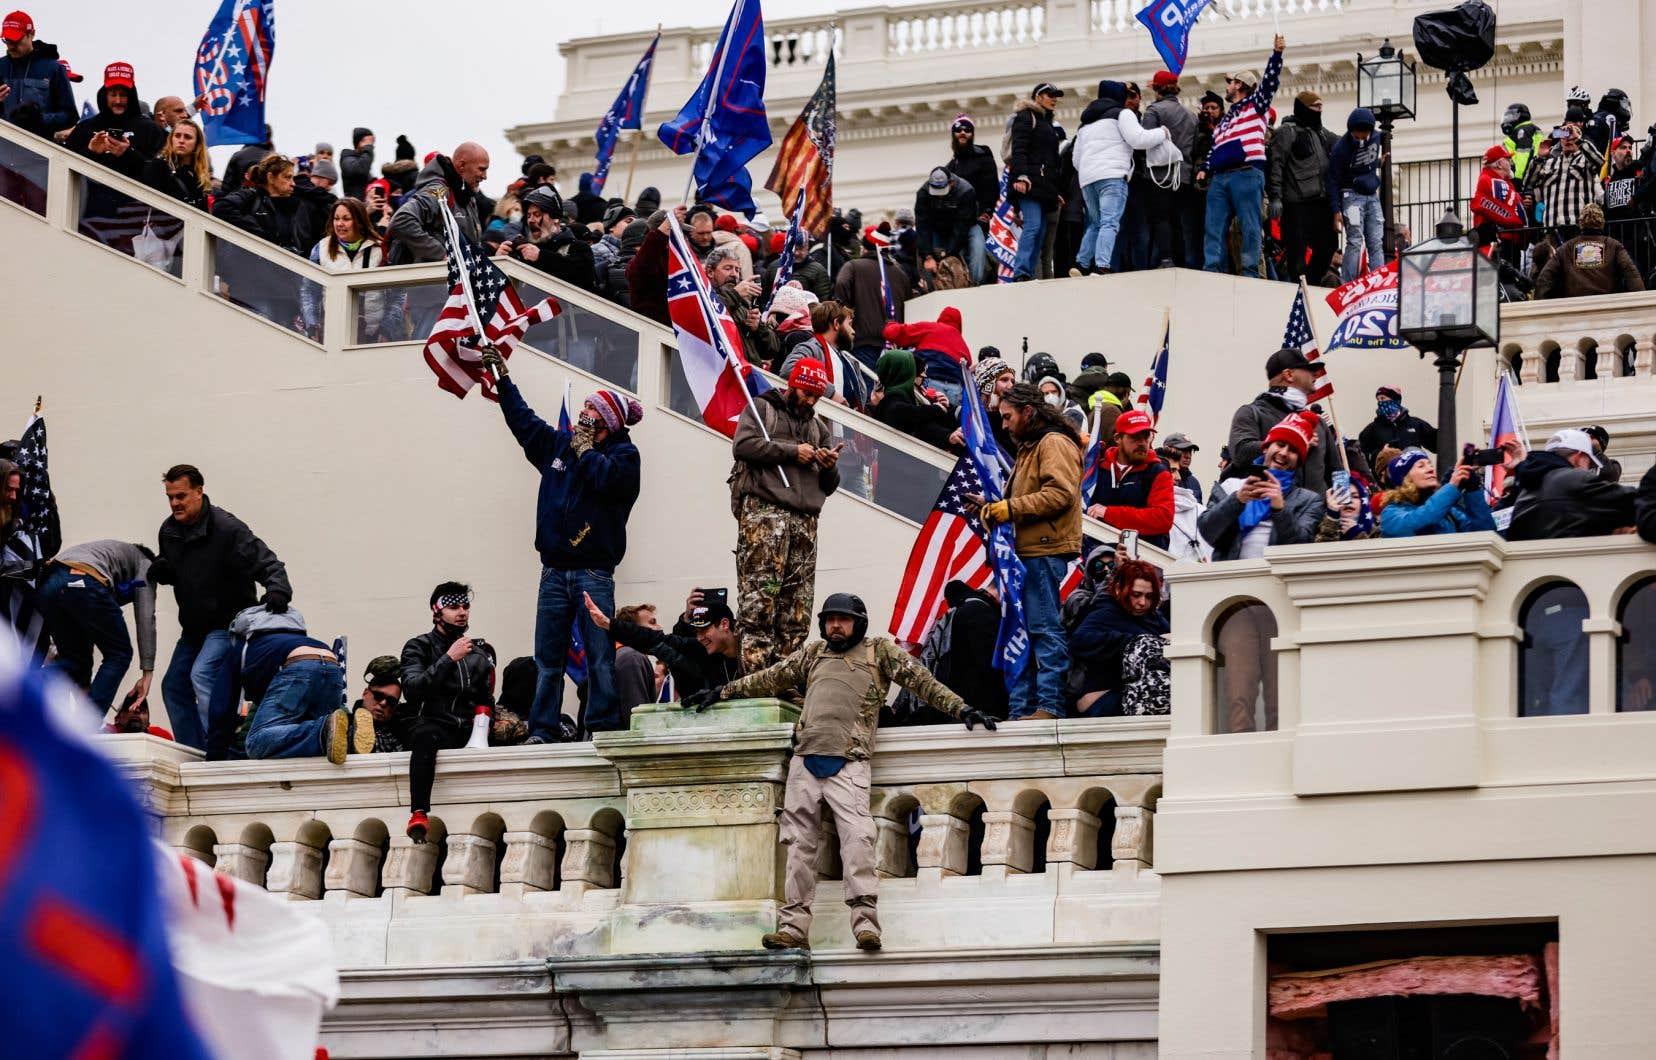 L'attaque contre le Capitole par des partisans de Donald Trump, le 6 janvier dernier